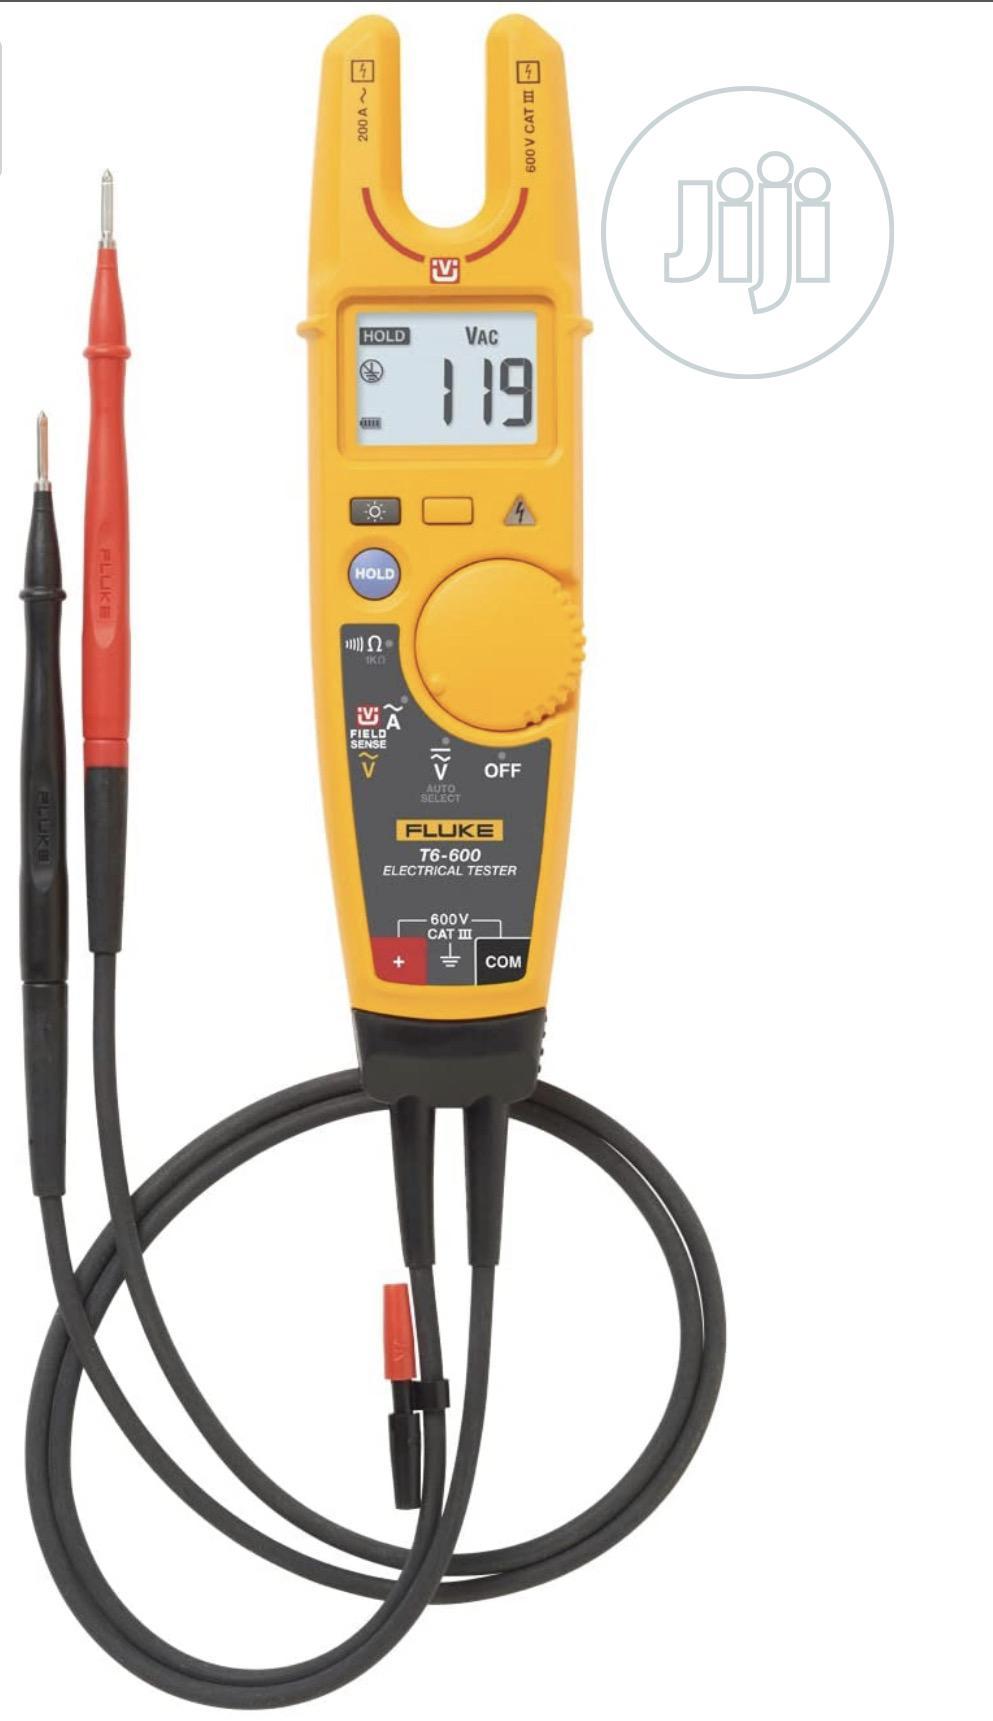 Fluke T6-1000 Electrical / Voltage Tester